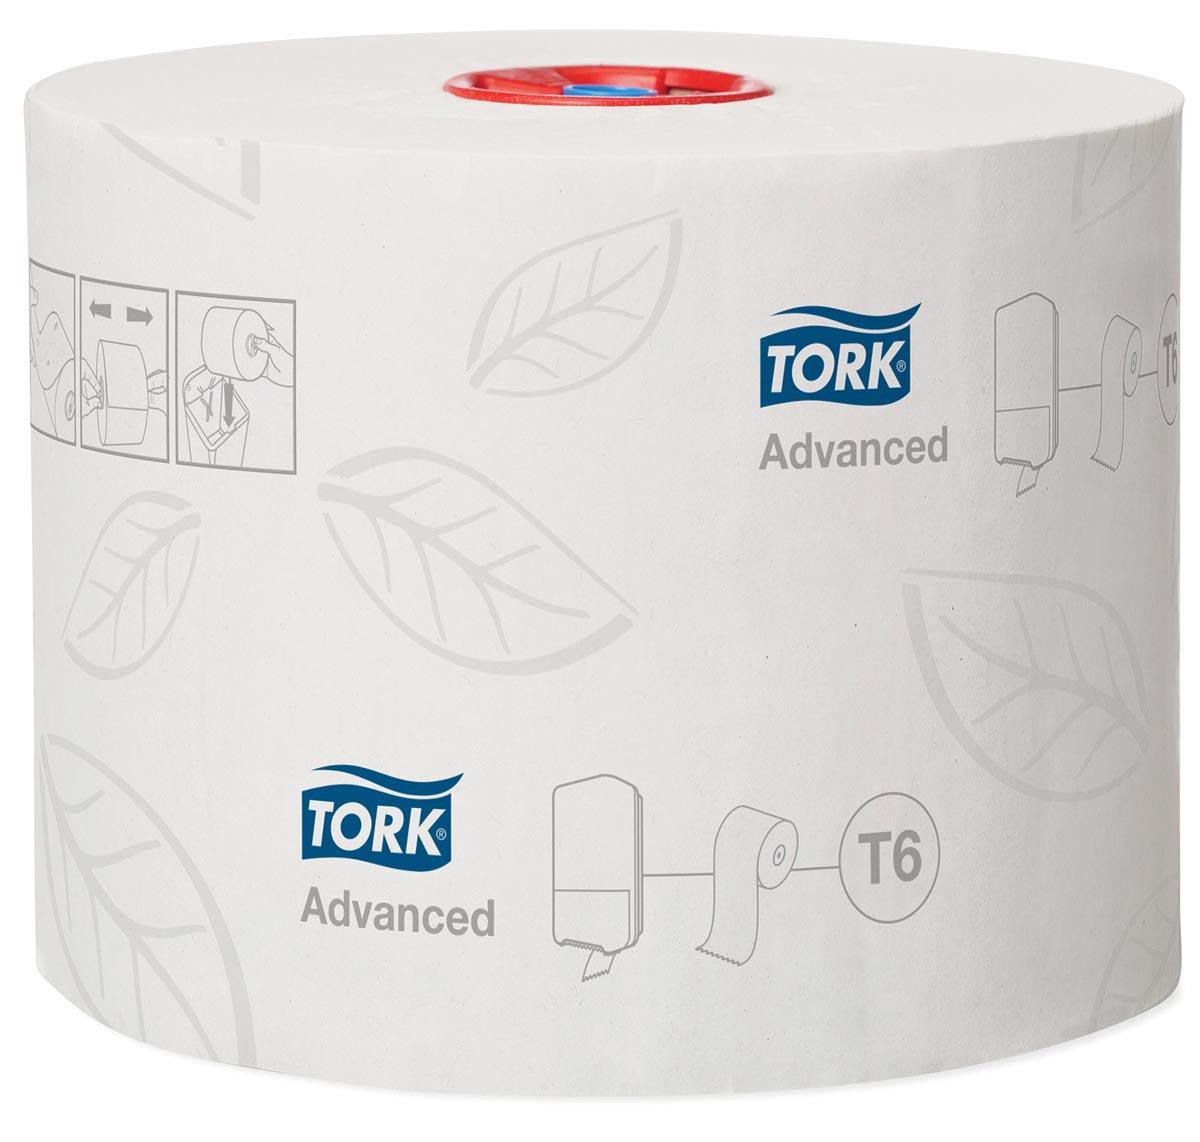 Tork toiletpapier Mid-Size, 2-laags, 100 meter, systeem T6, pak van 27 rollen